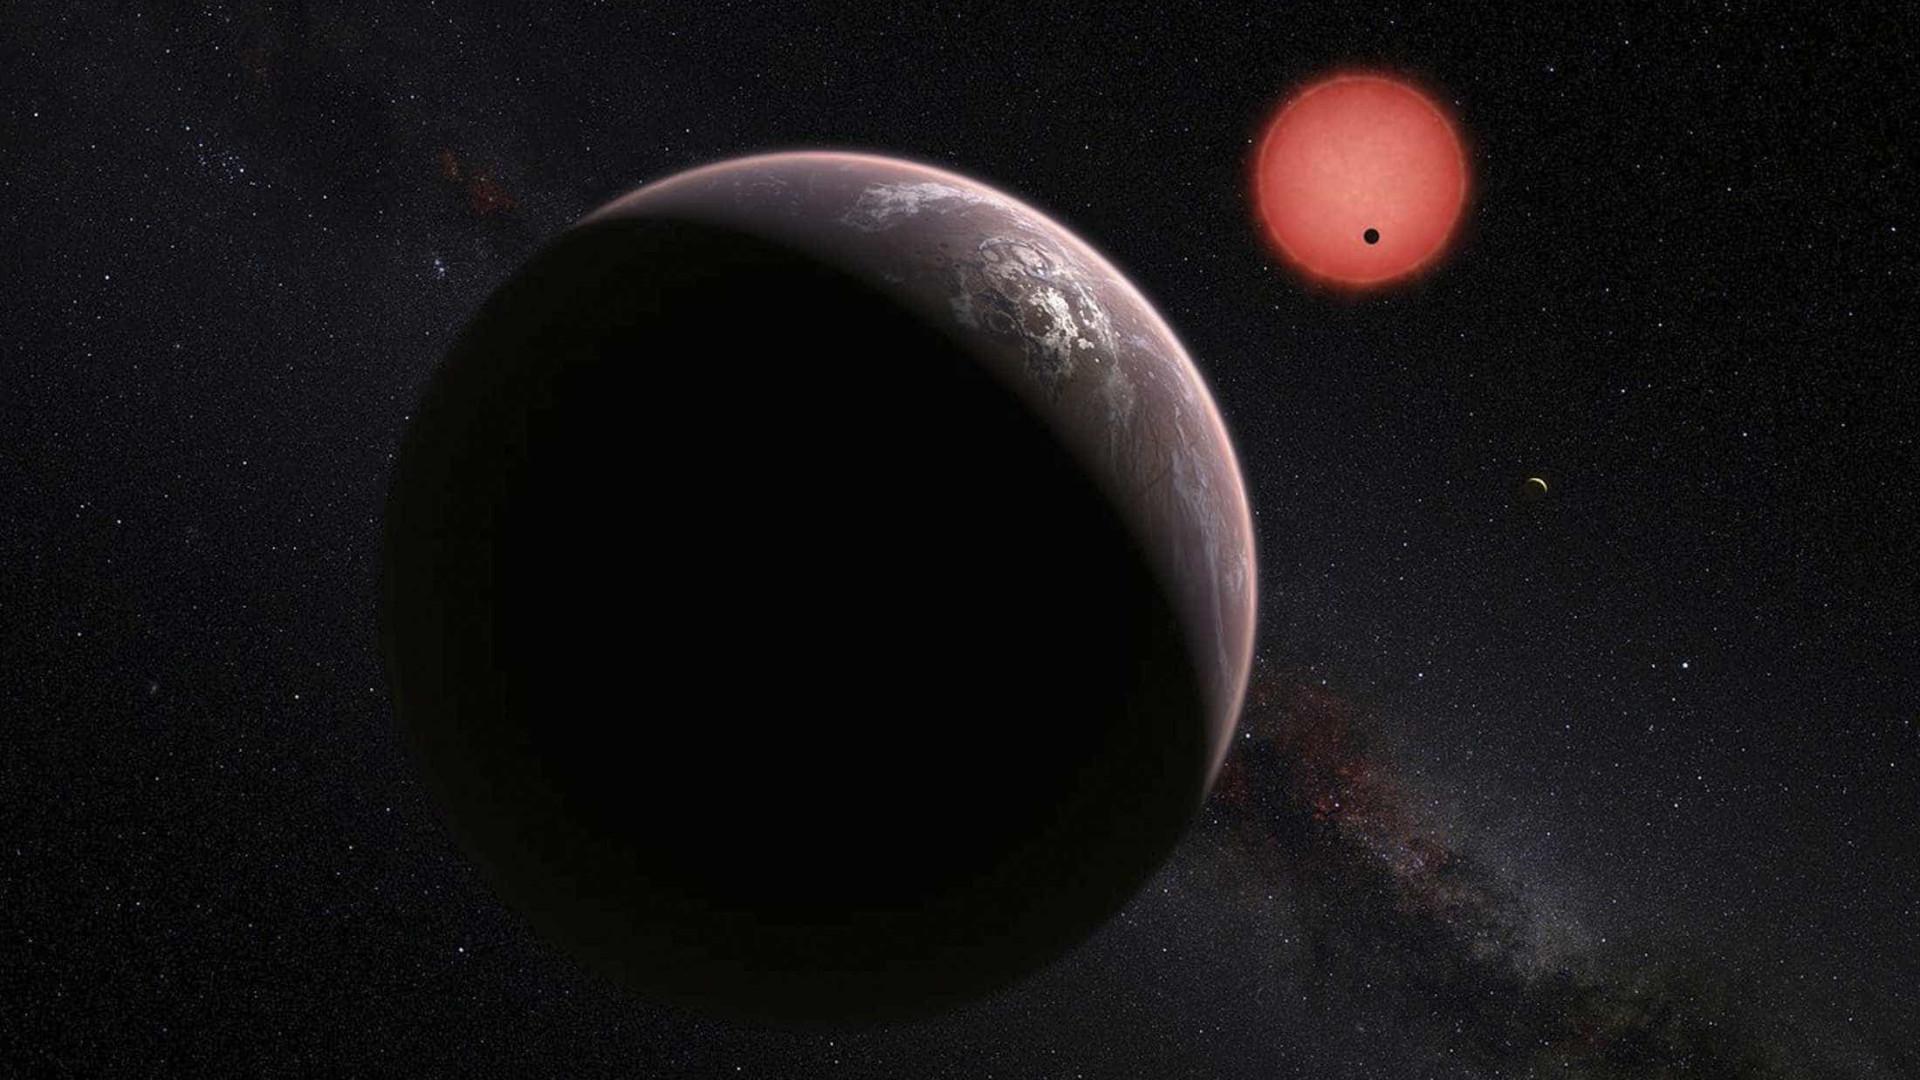 Planetas 'órfãos' que vagueiam pela galáxia podem ter vida alienígena